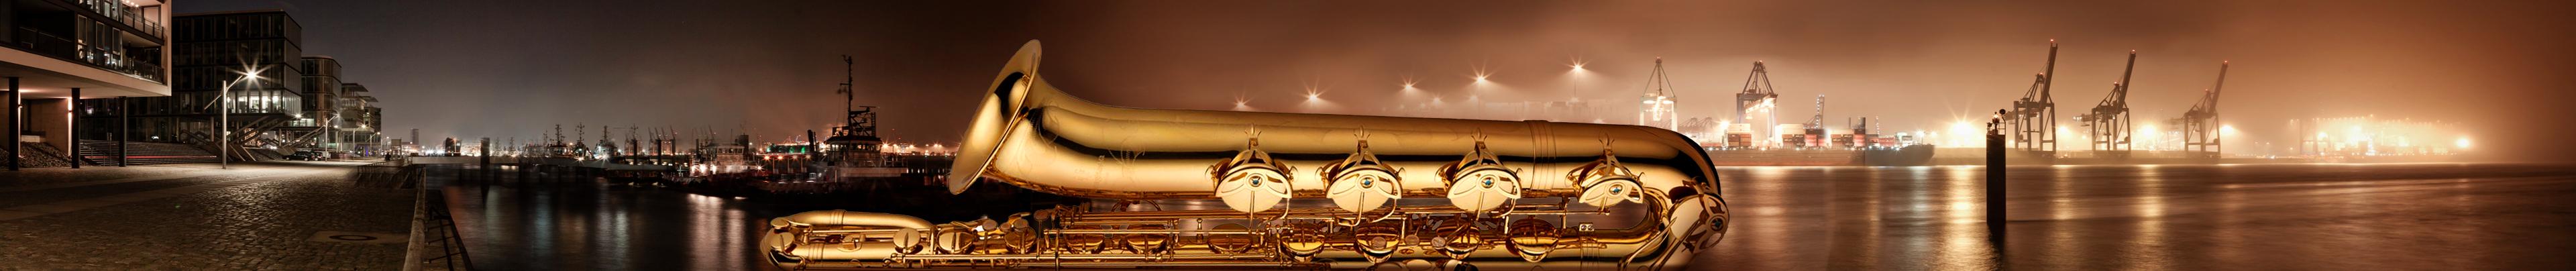 Saxophone in enormer Auswahl - viele Marken und Modelle in spannenden Ausführungen und Optiken